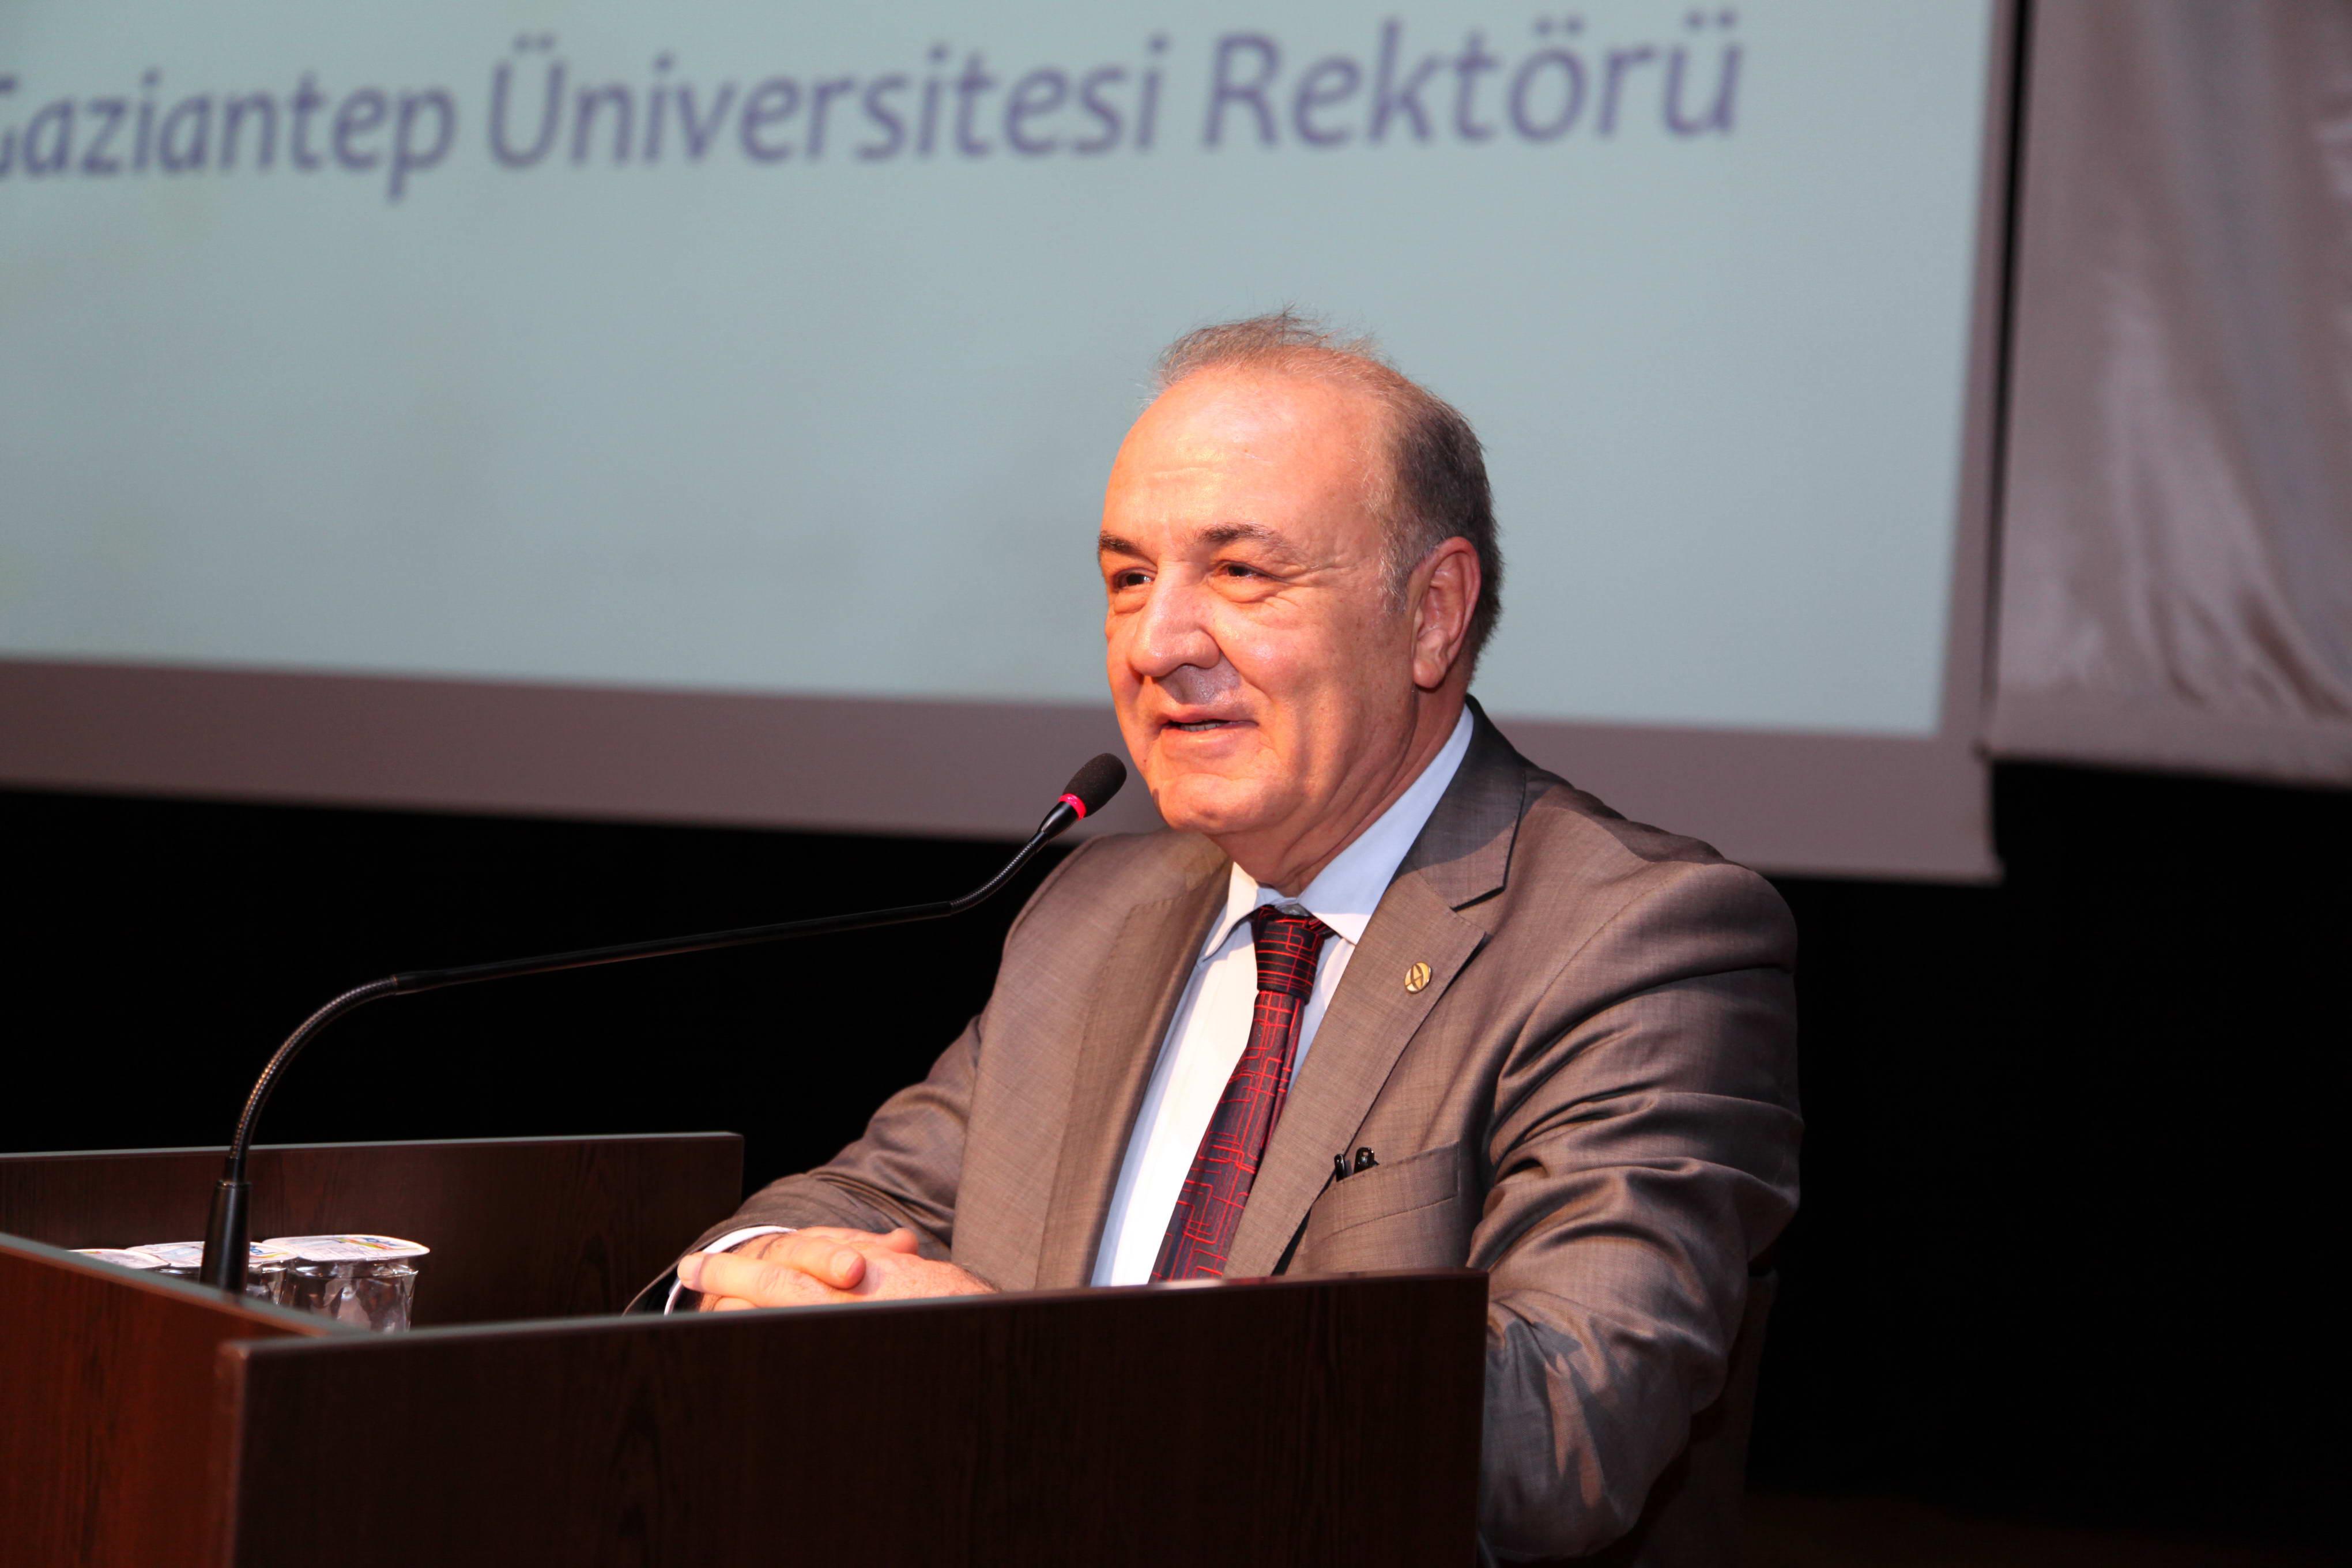 226-İLAHİYAT SEMPOZYUM (Prof. Dr. M. Yavuz Coşkun)